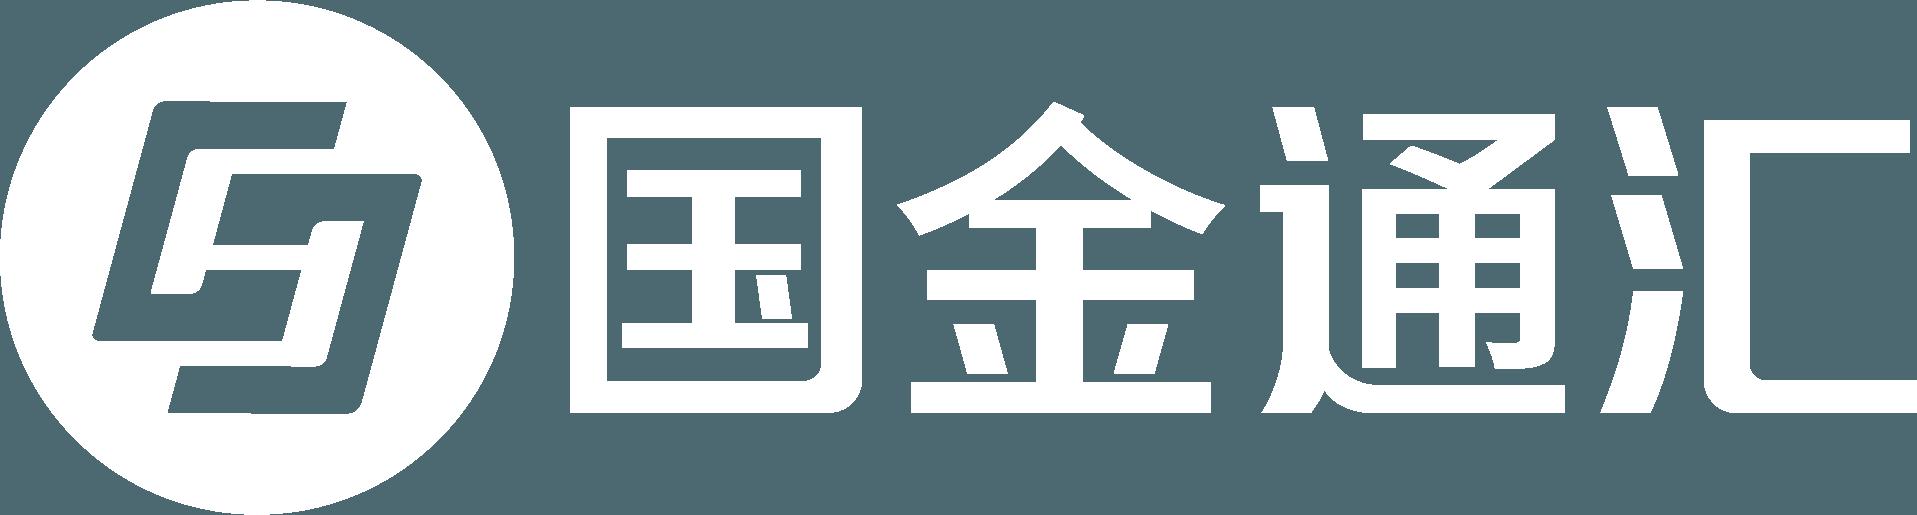 02 国金通汇 (无定位) 反白